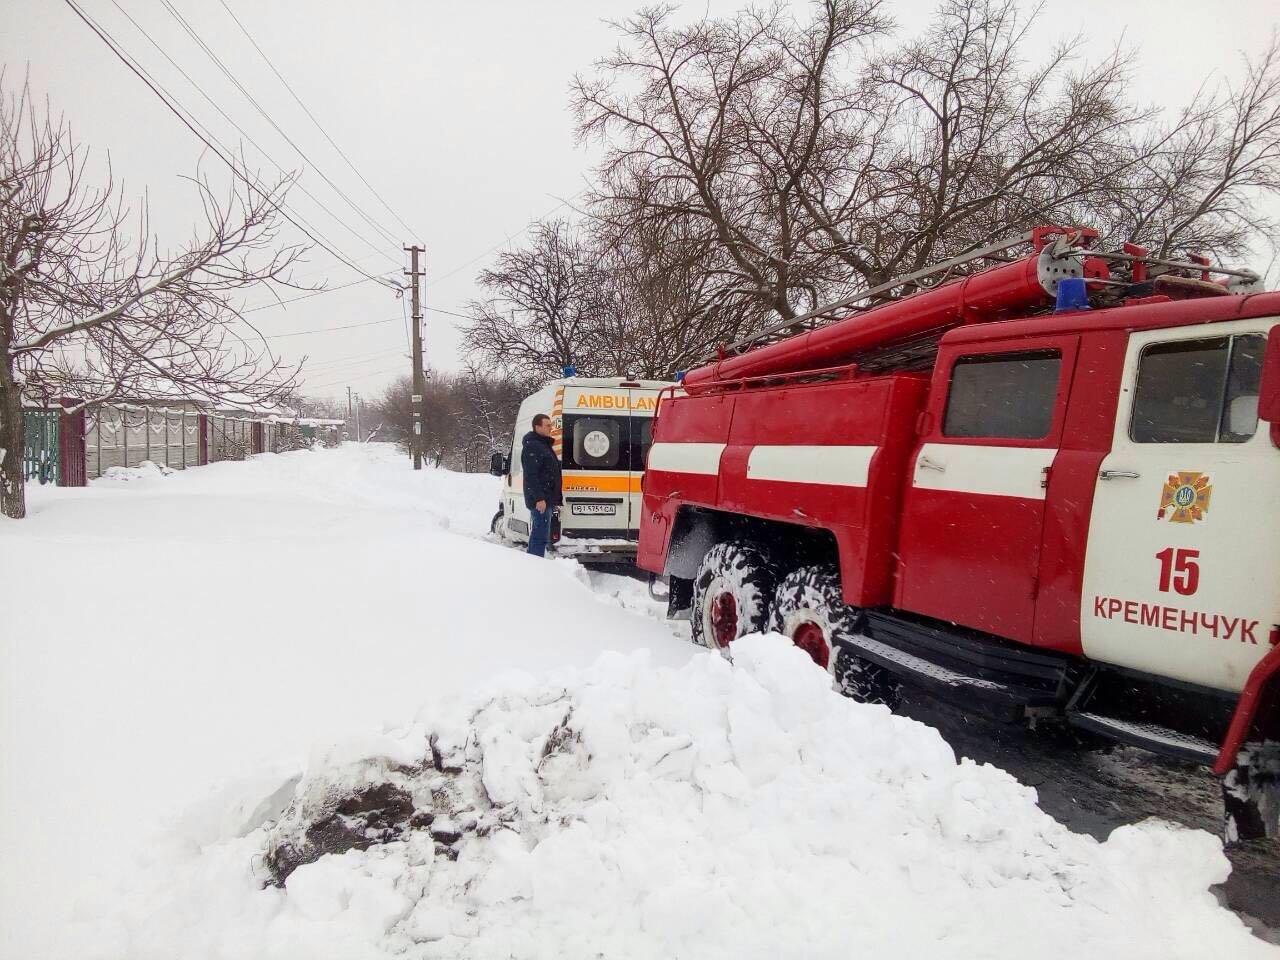 Снег в Кременчуге и районе